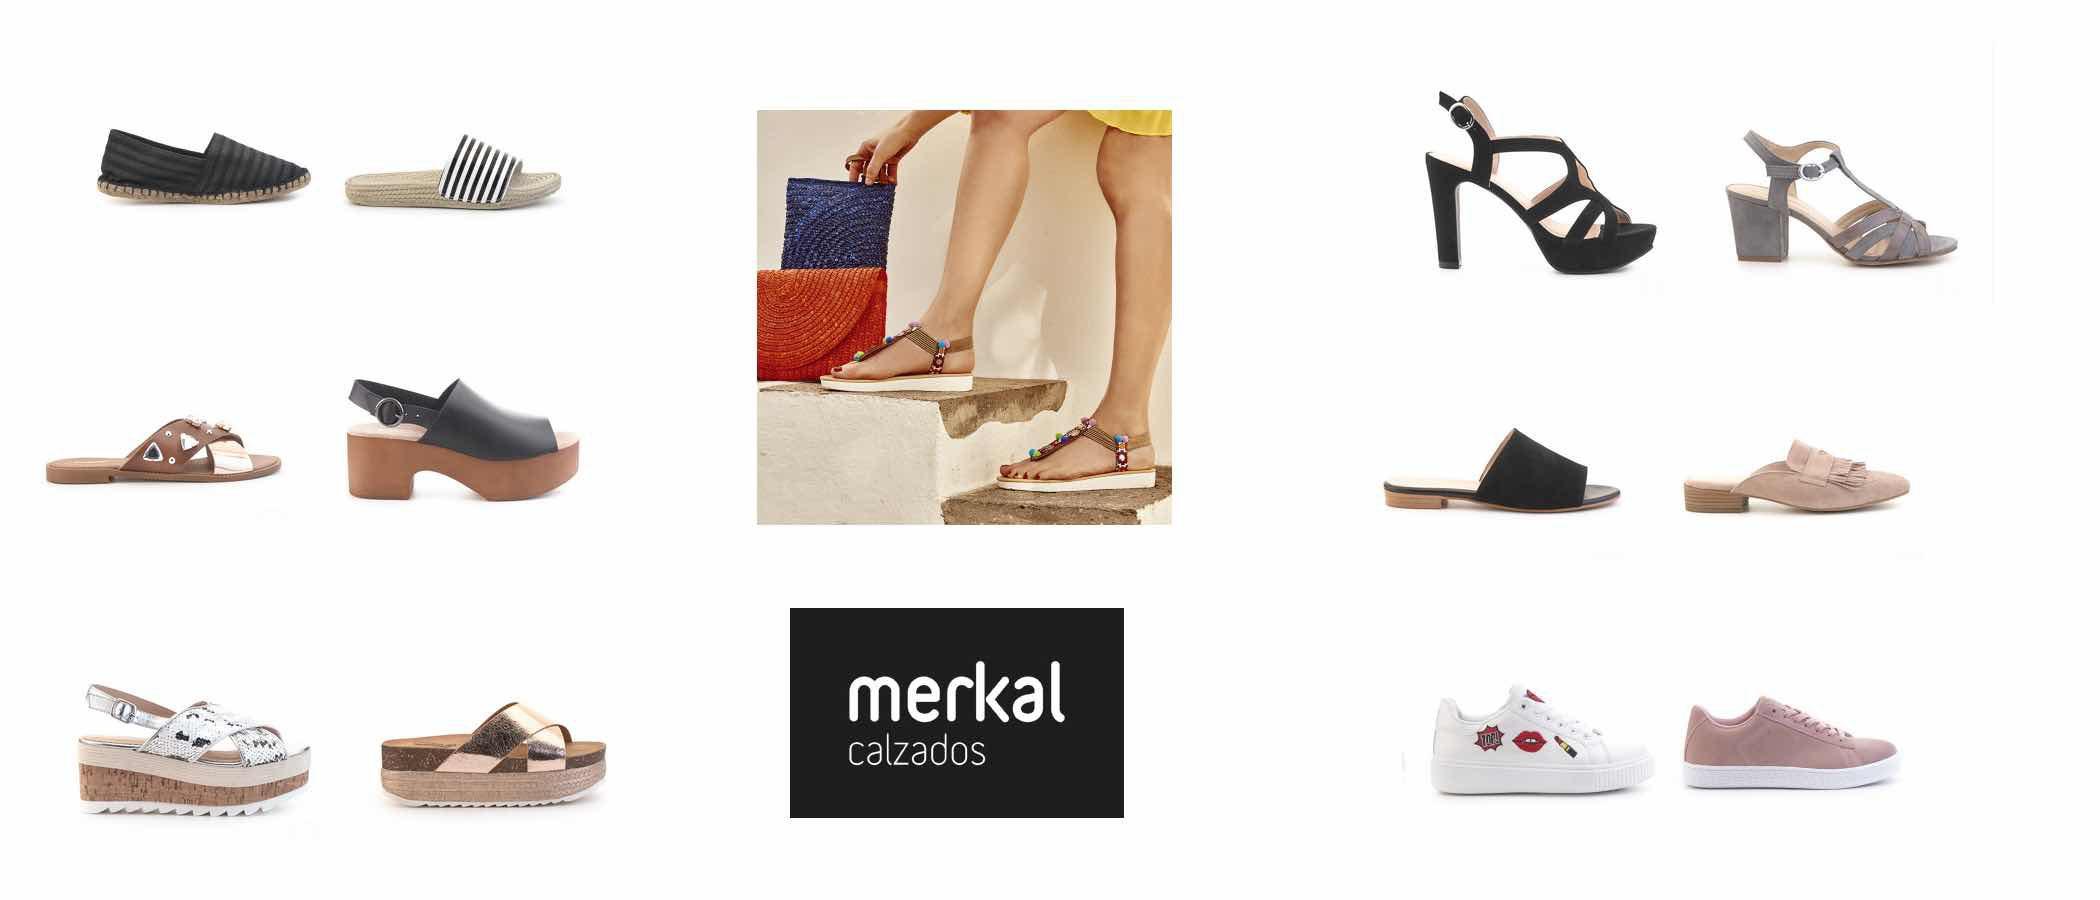 Sandalias con glitter y destalonadas, así es la colección de Merkal para el verano 2017